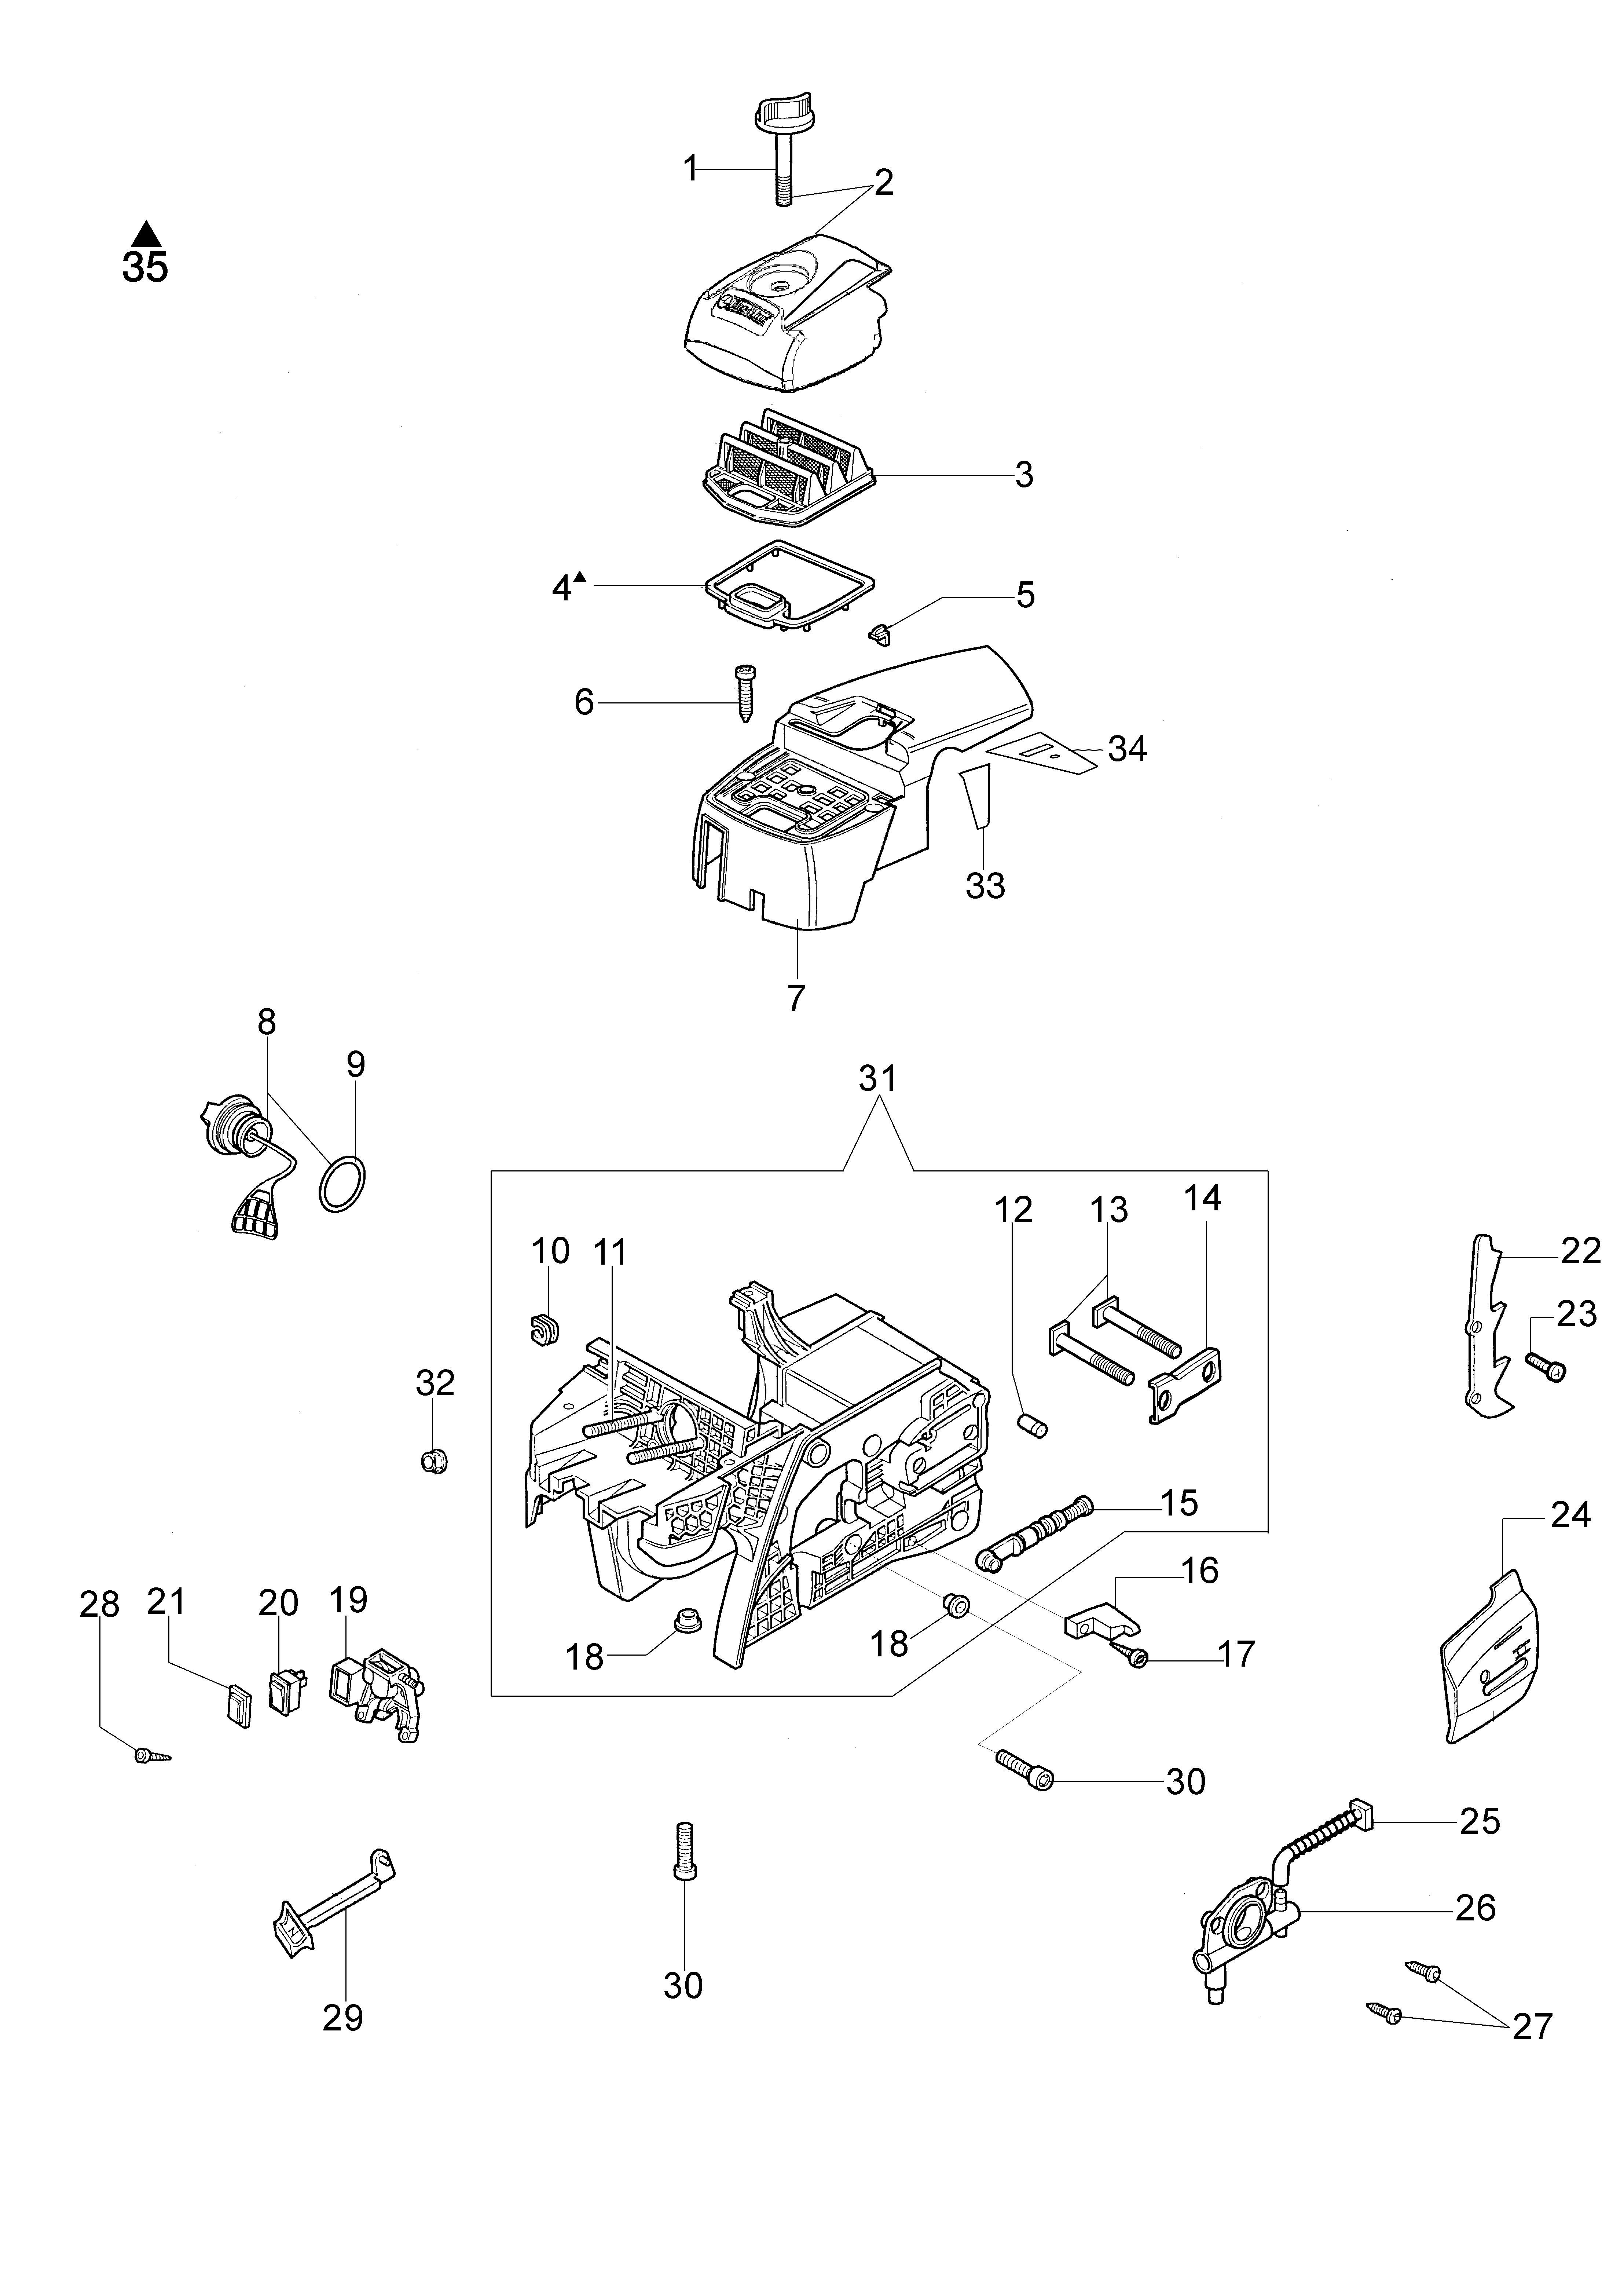 GS 520 Tronçonneuse oleomac Dessins pièces vue éclatée Réservoir et filtre air